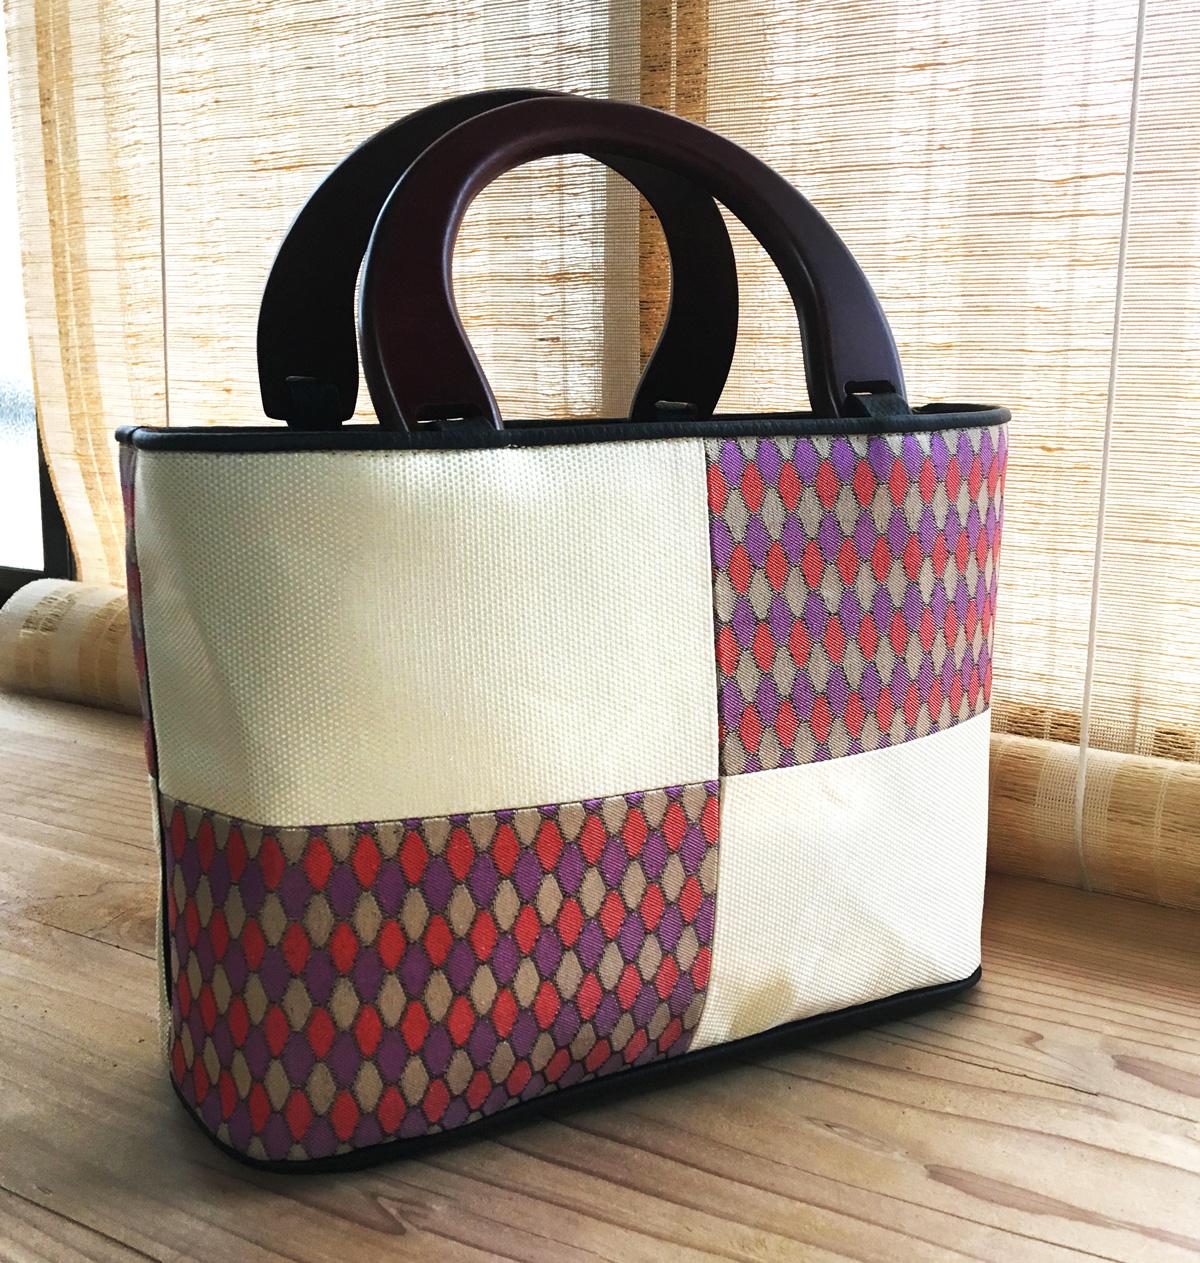 持ち手木のハンドバッグ